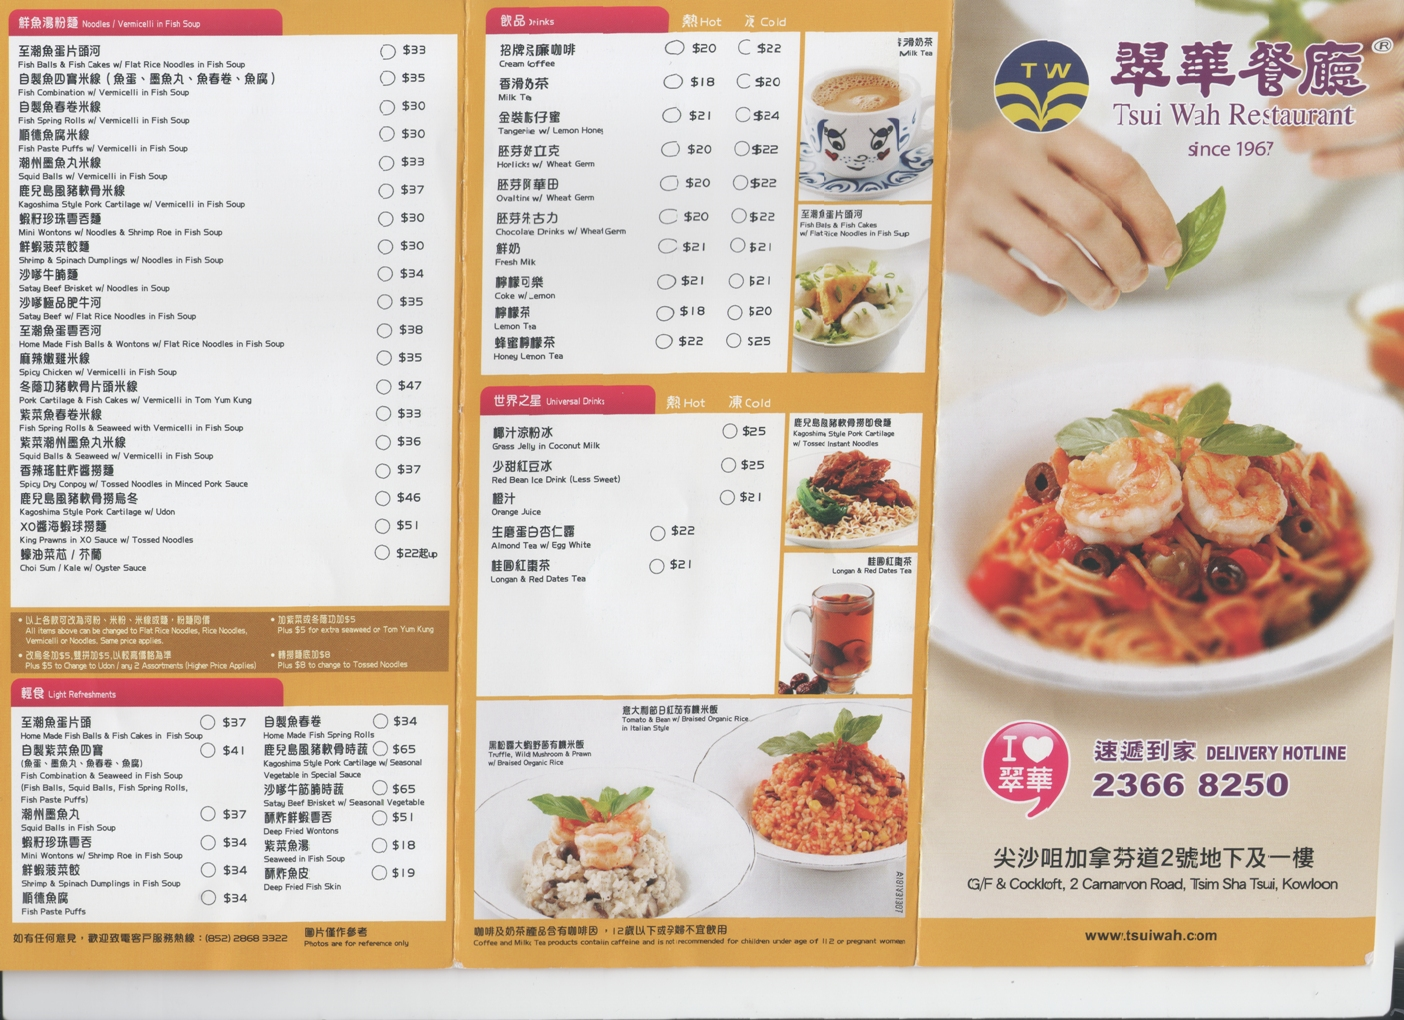 Wah Wah Restaurant Menu